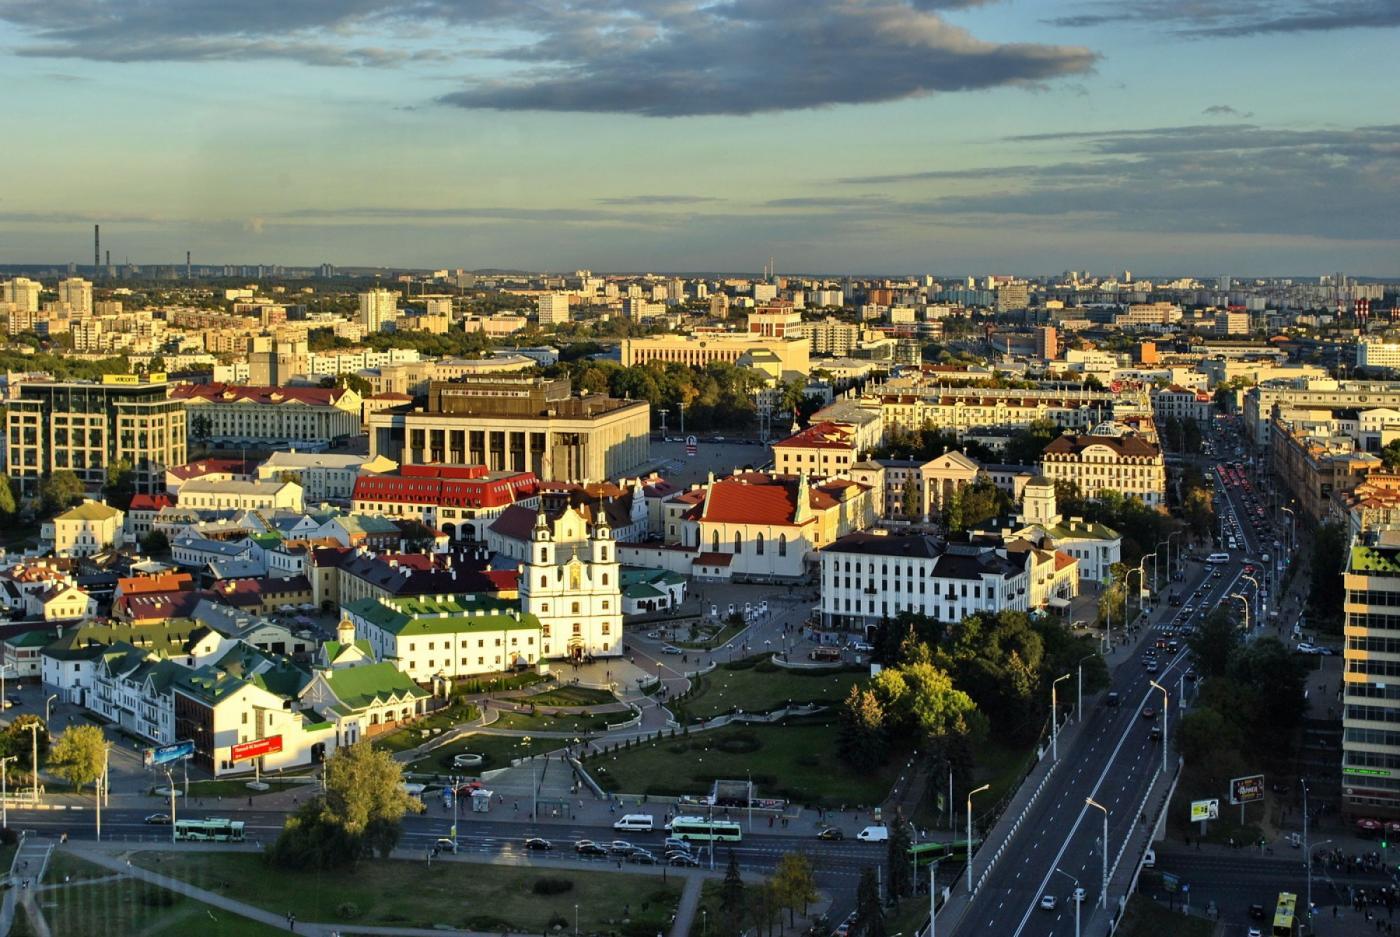 Минск разнообразный. Путеводитель для первокурсников по архитектурным достопримечательностям столицы